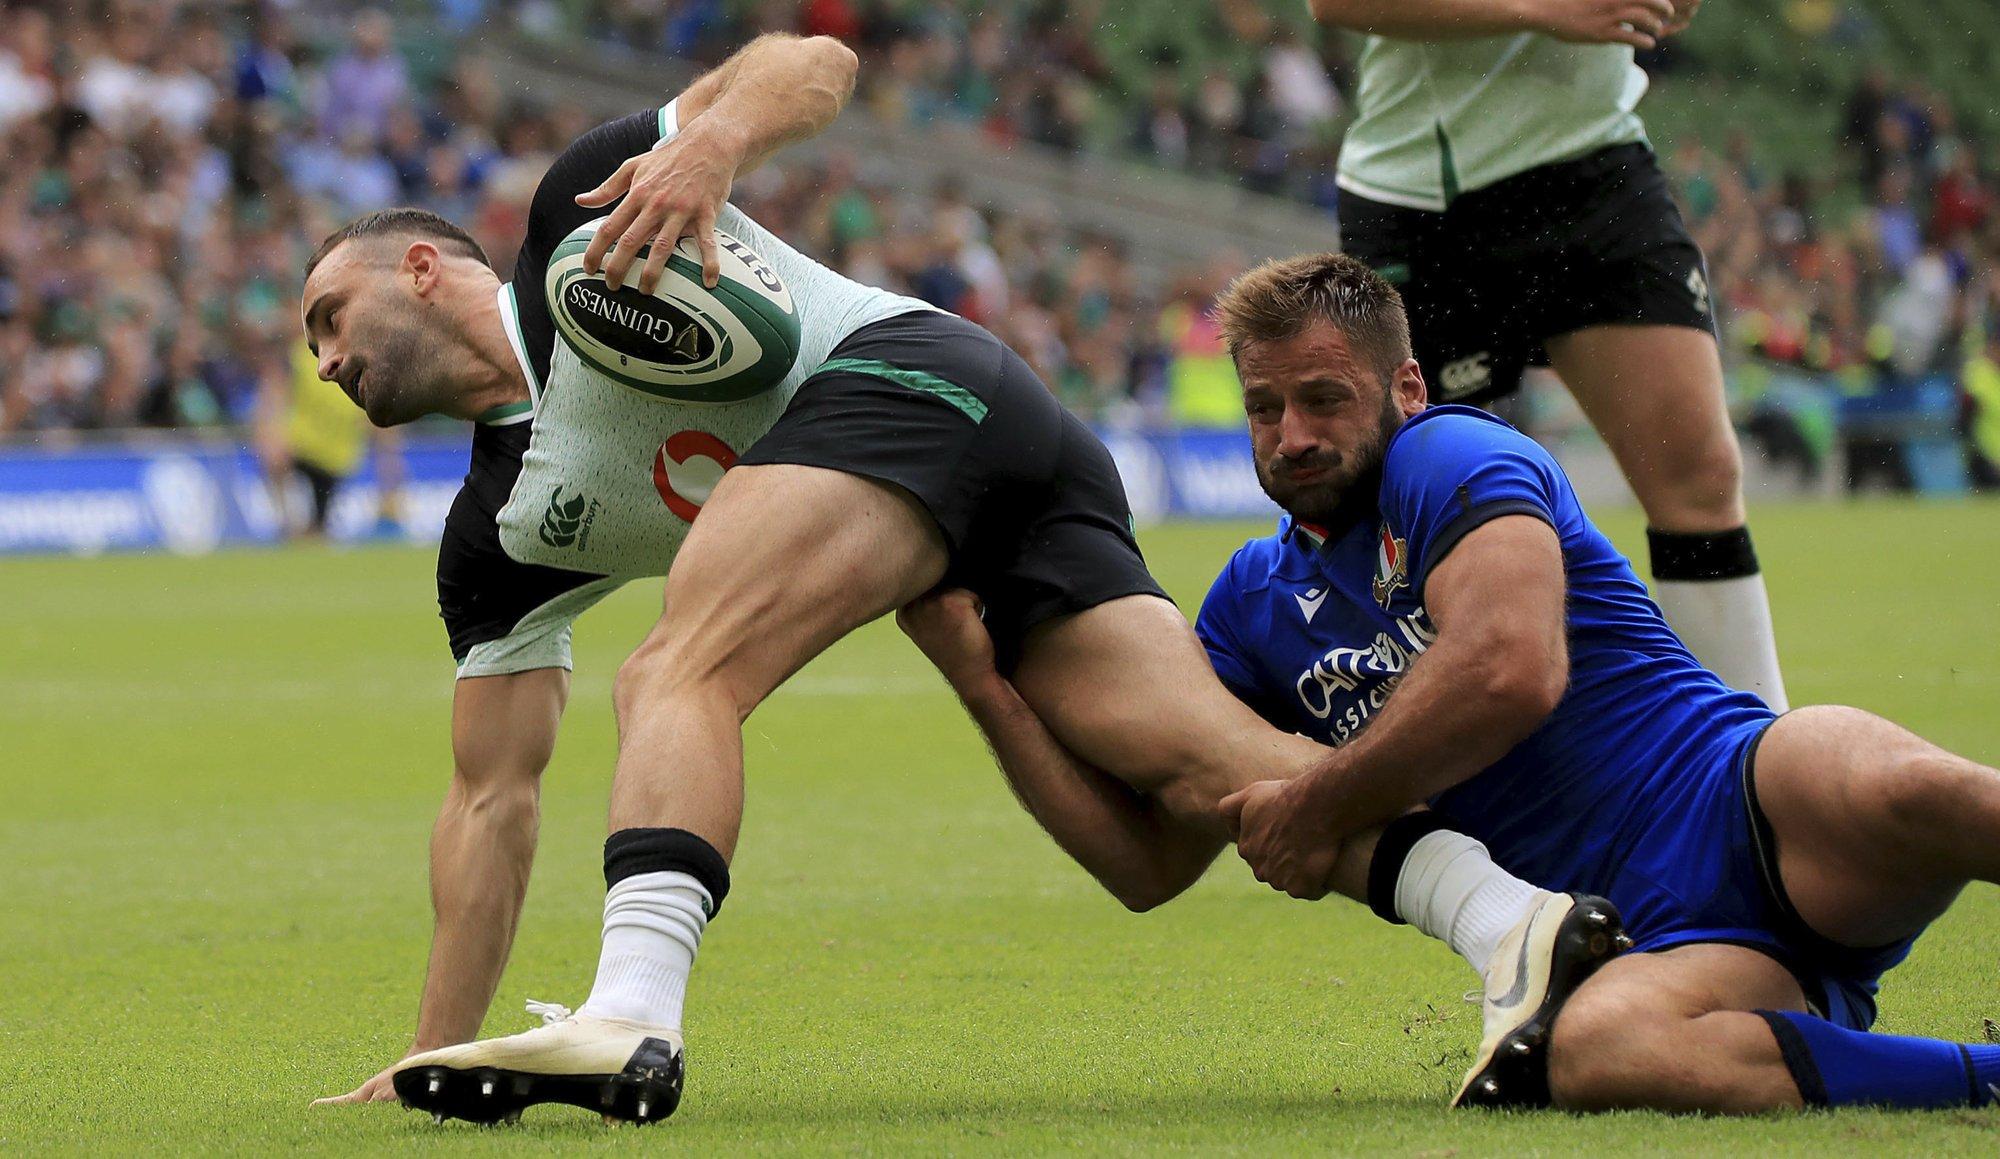 Carbery injury scare as Ireland beats Italy 29-10